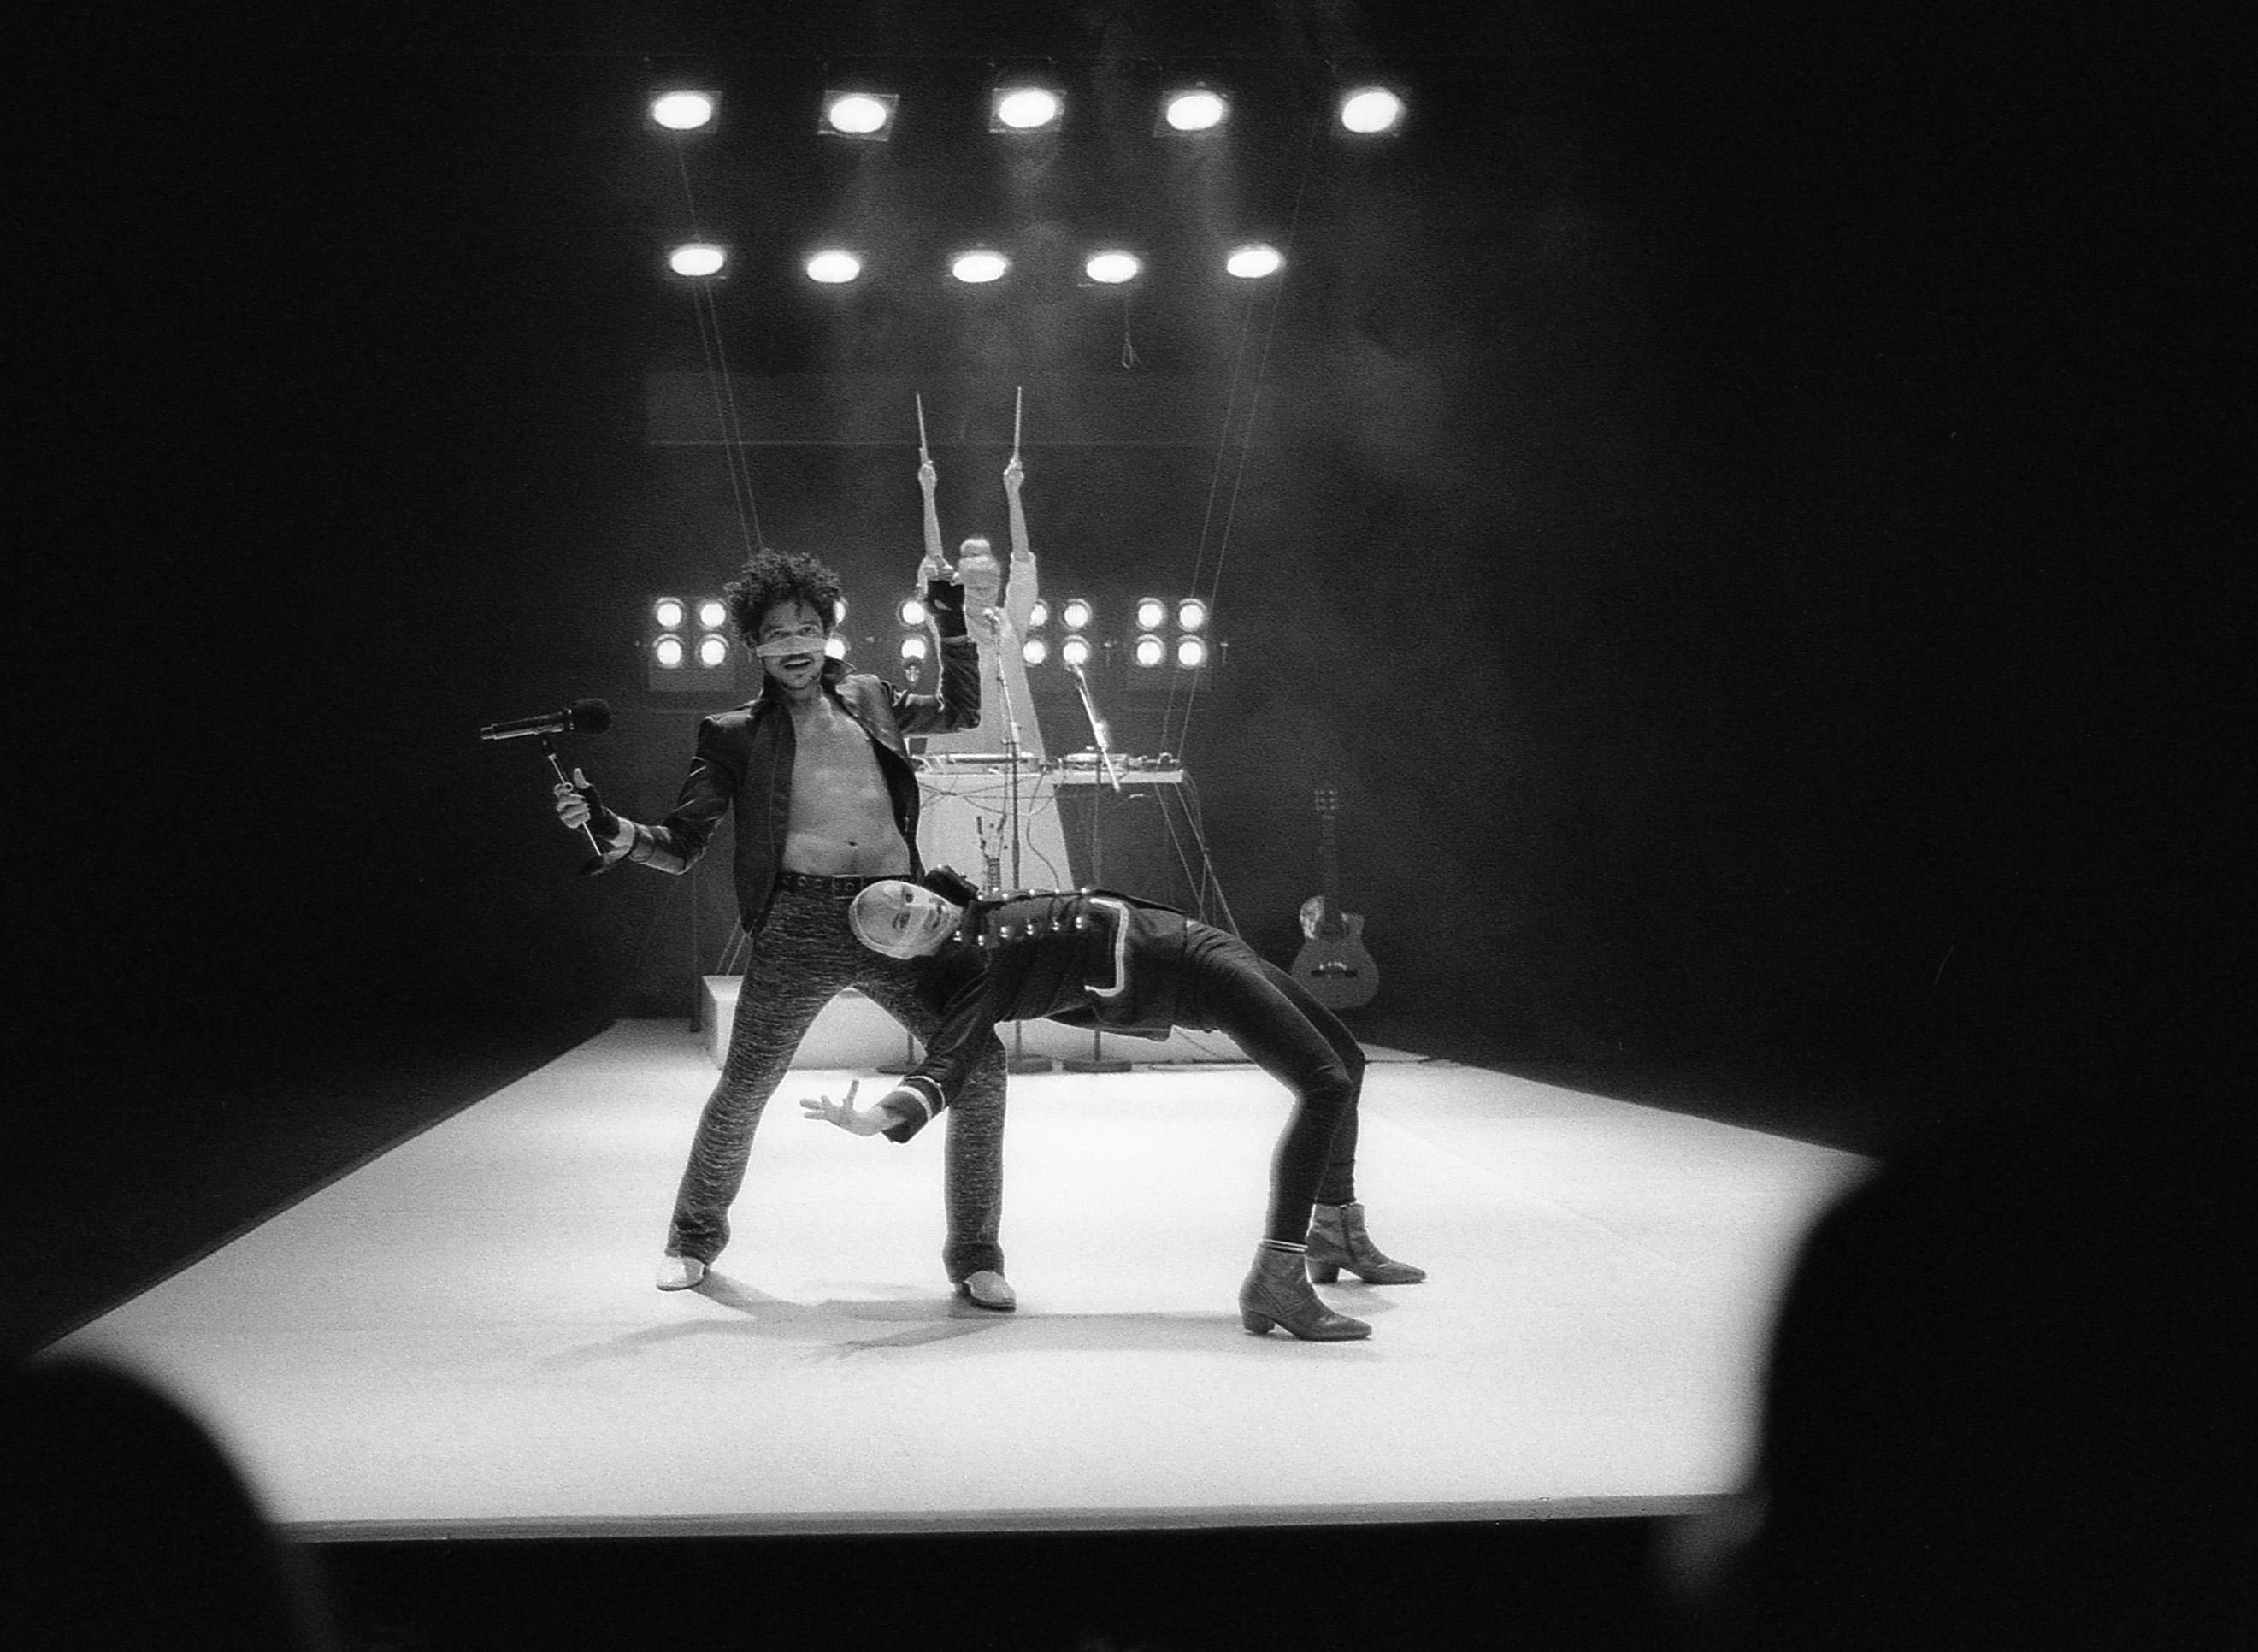 PUBLICADA 10.II.17 Representació de _La banda de la fi del món_, a càrrec de Loscorderos.sc-Miss Q, al Teatre de Salt, any 2014. Leica M6835